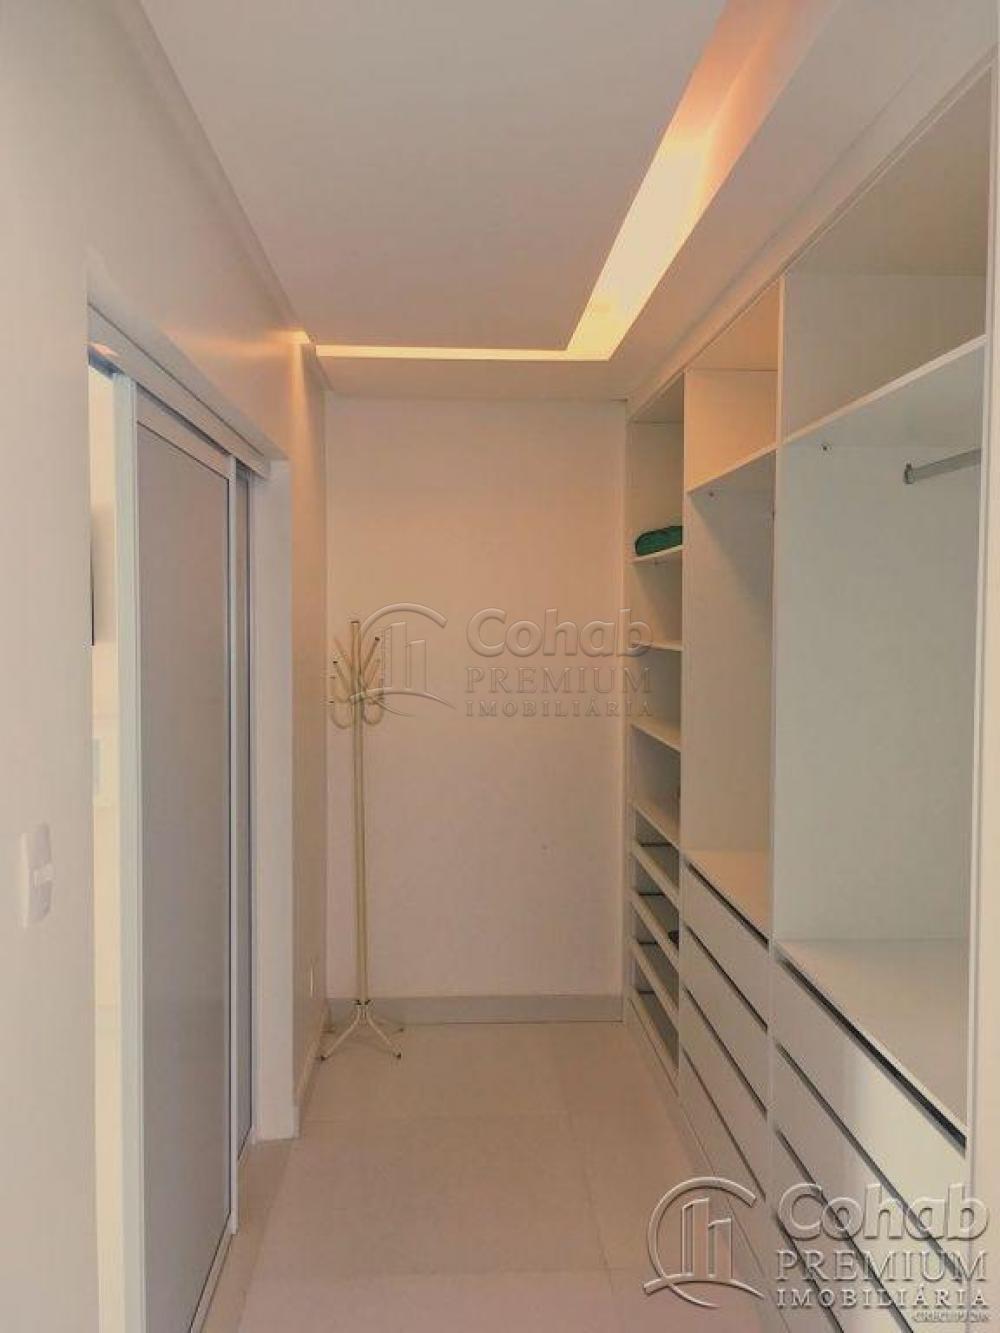 Comprar Casa / Condomínio em Aracaju apenas R$ 2.250.000,00 - Foto 5